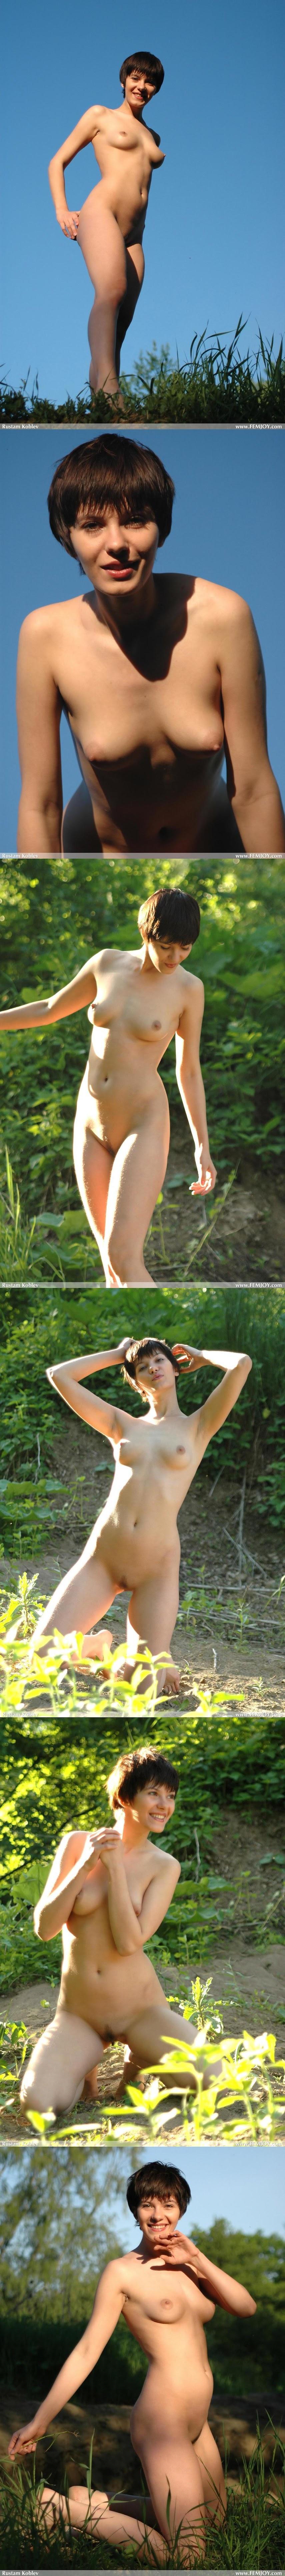 FEdf  - 2005-10-06 - Elena Kathryn - Summer Afternoon x60 3000px